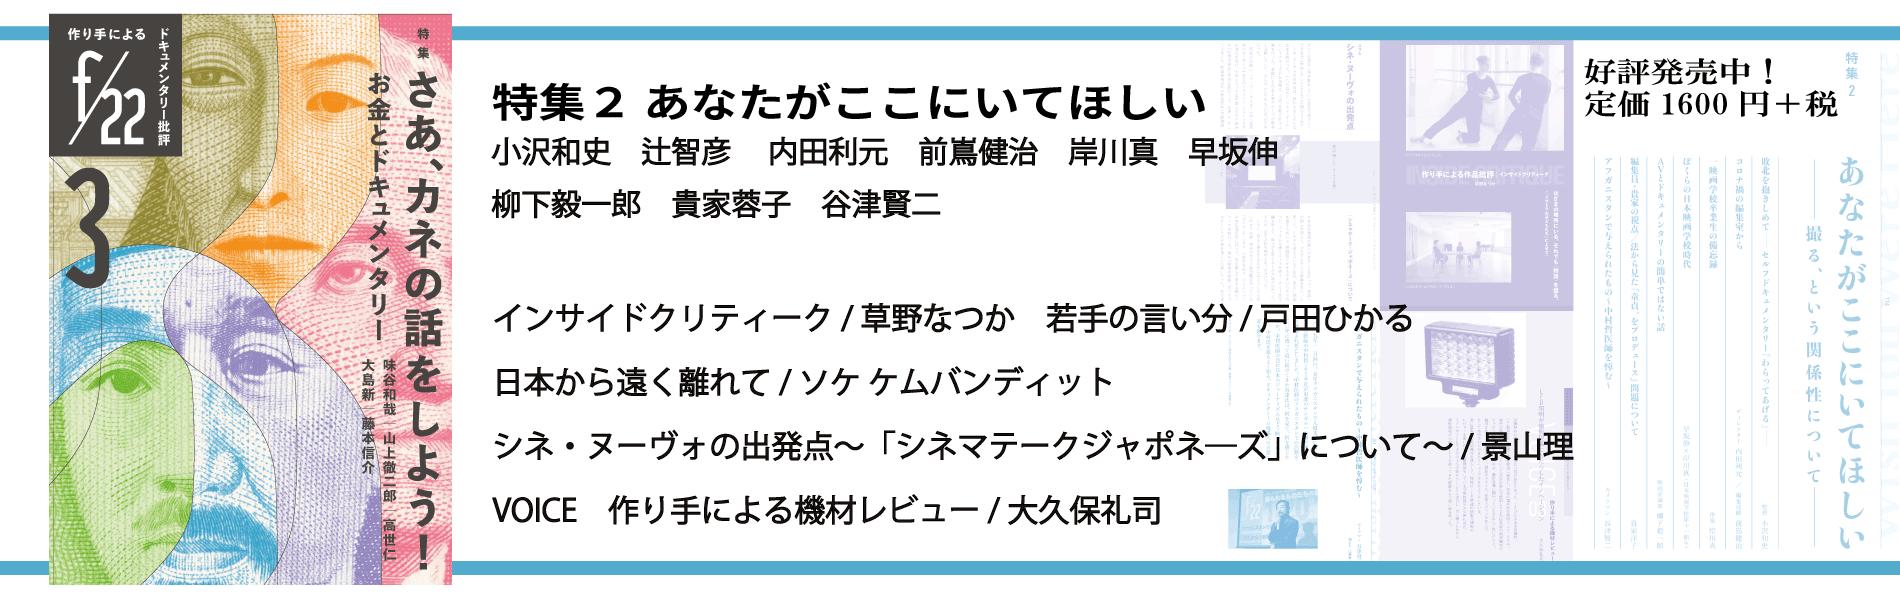 f/22第3号 好評発売中!